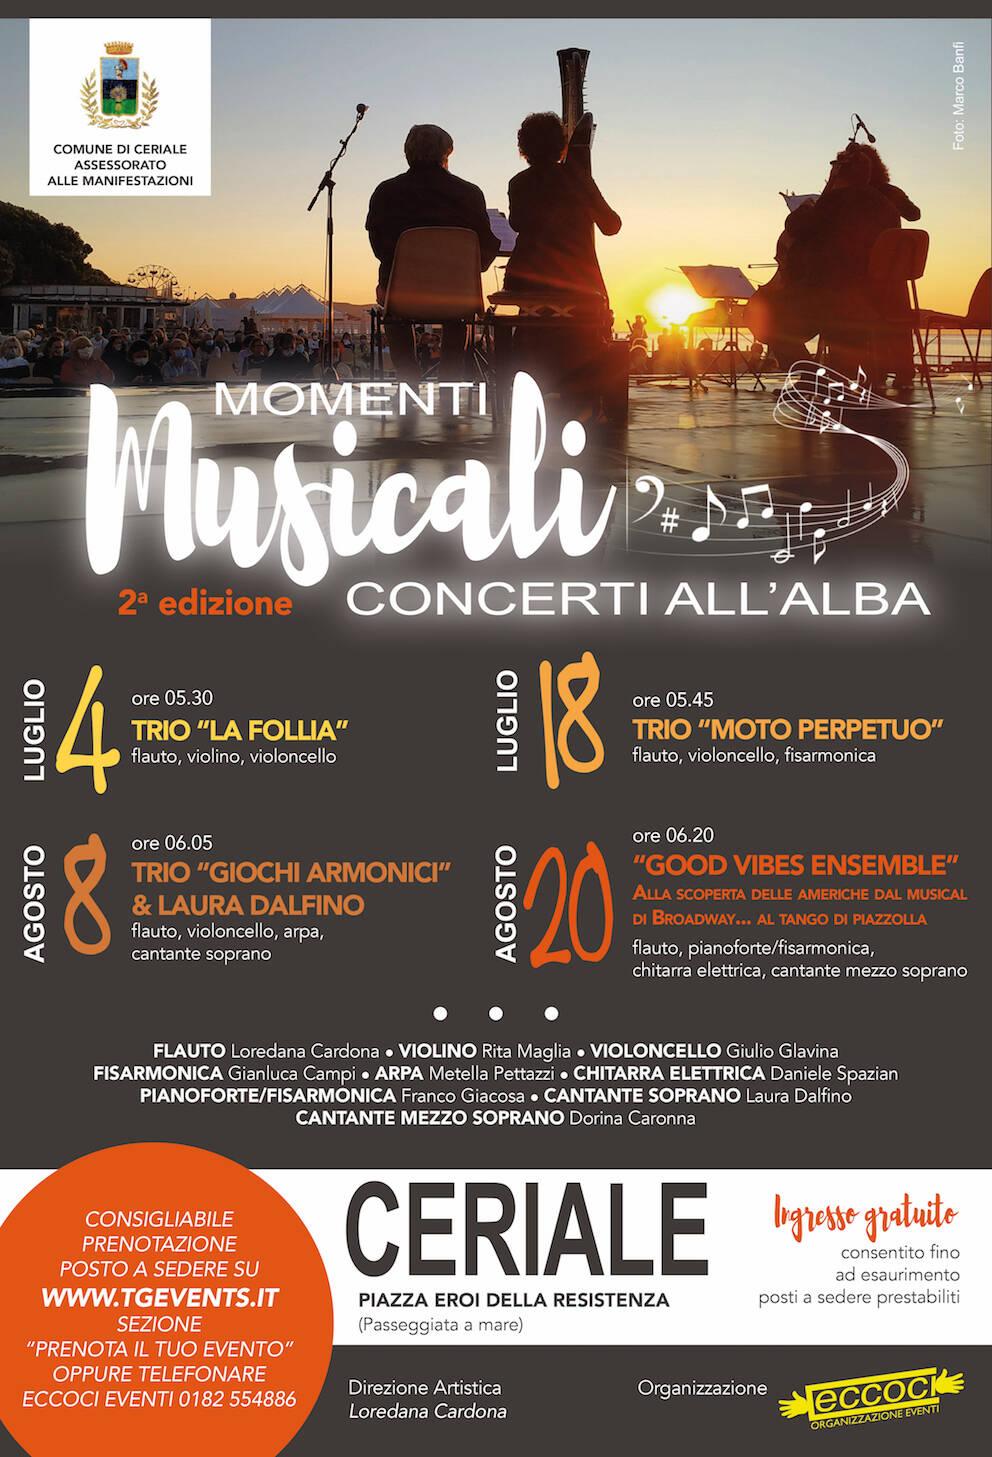 Ceriale Momenti Musicali 2021 concerti all'alba